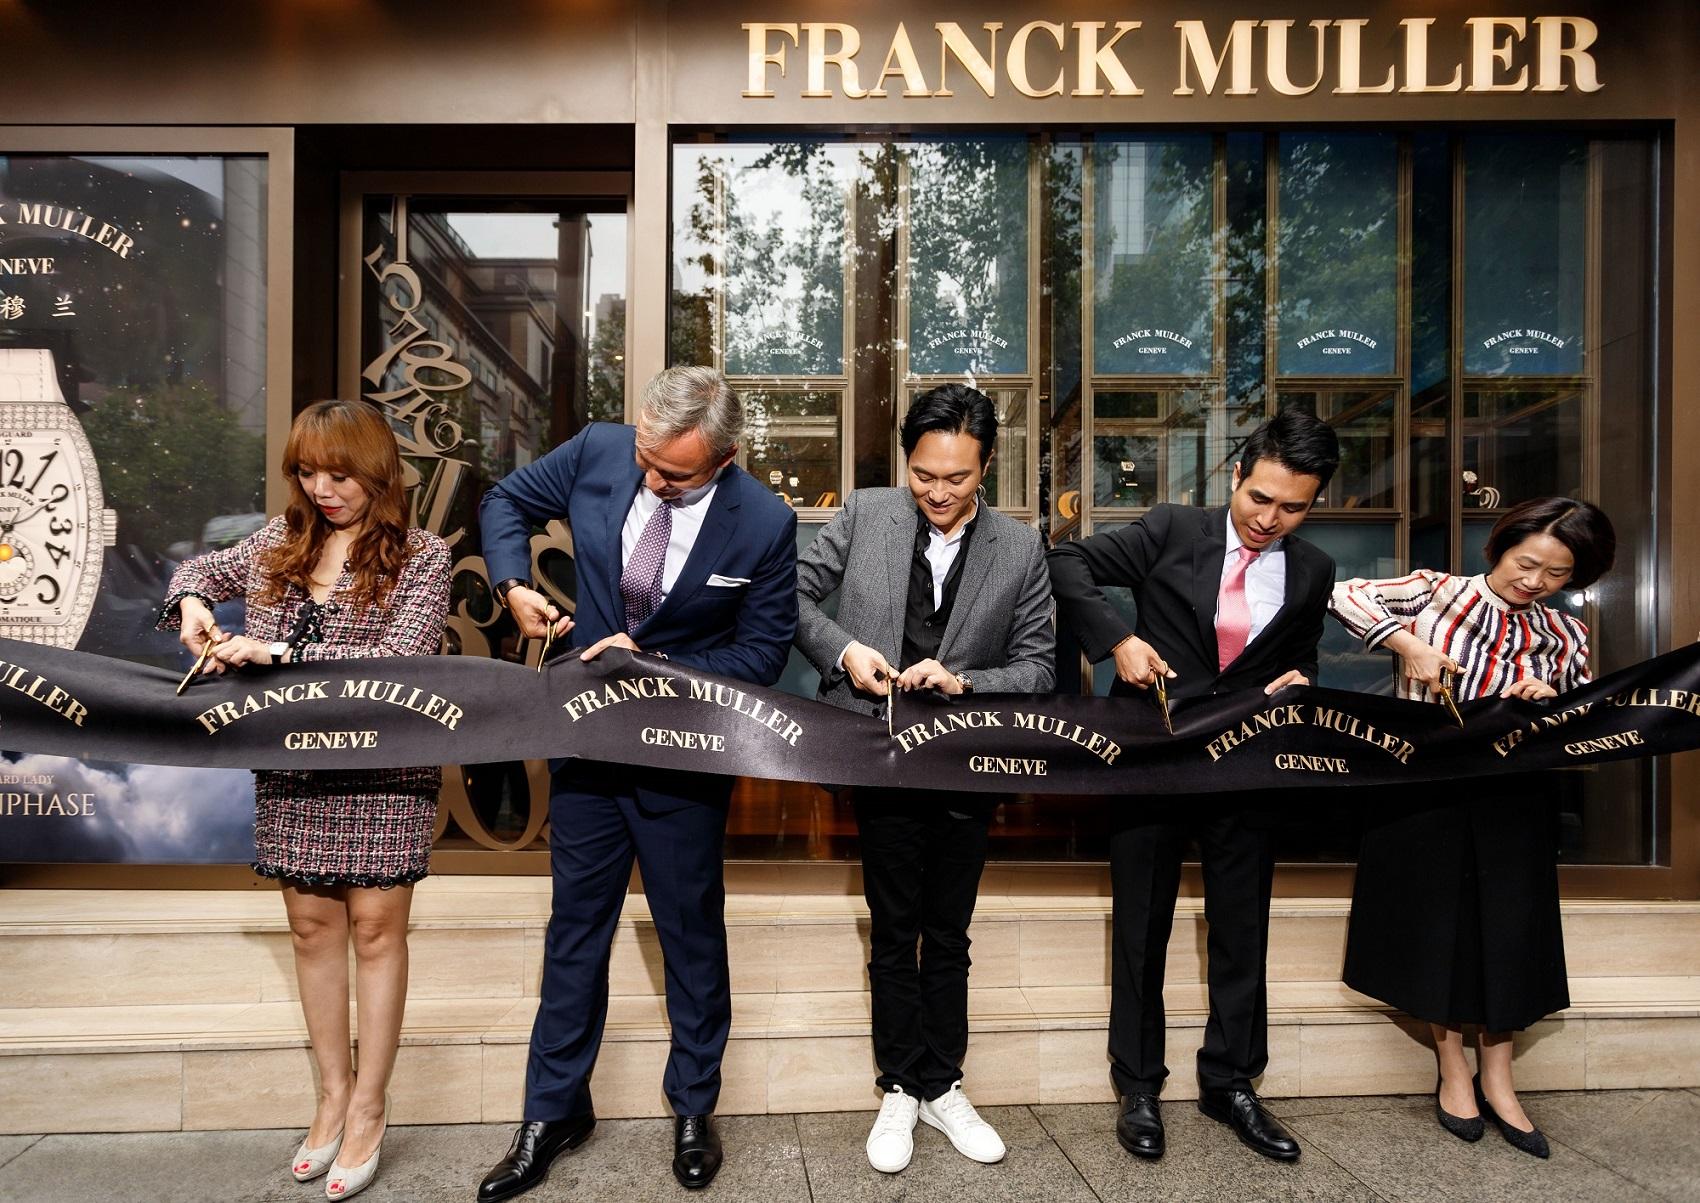 Franck Muller_Shanghai Nanjing West Road Boutique Opening_1.JPG